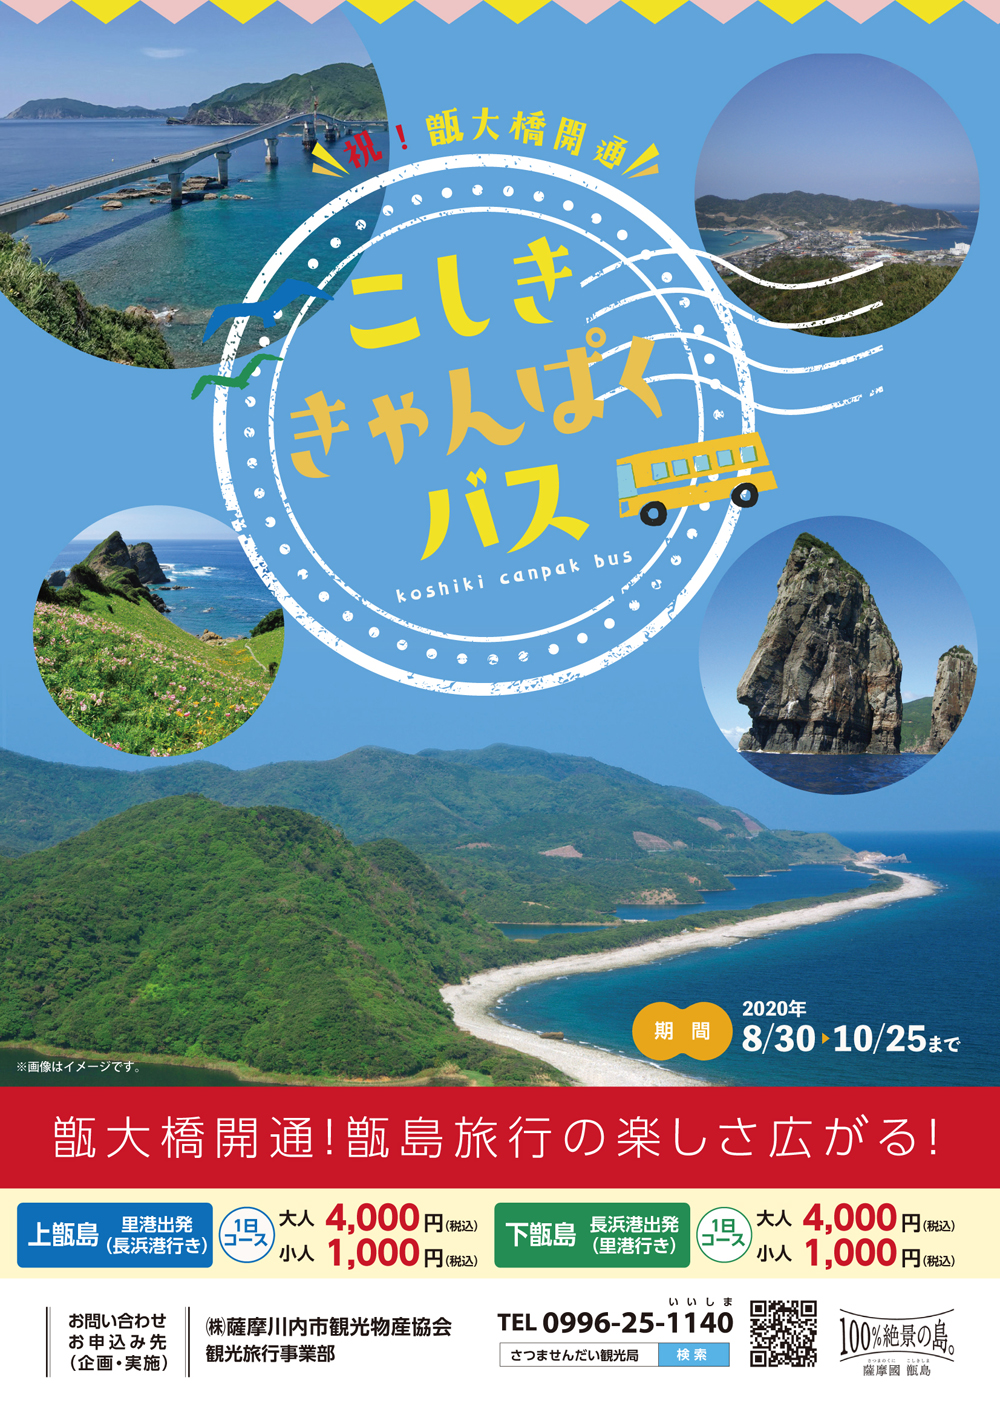 【Go To Travelキャンペーンでお得に参加もできる!】こしききゃんぱくバス(甑大橋を渡るお得な観光バス!)